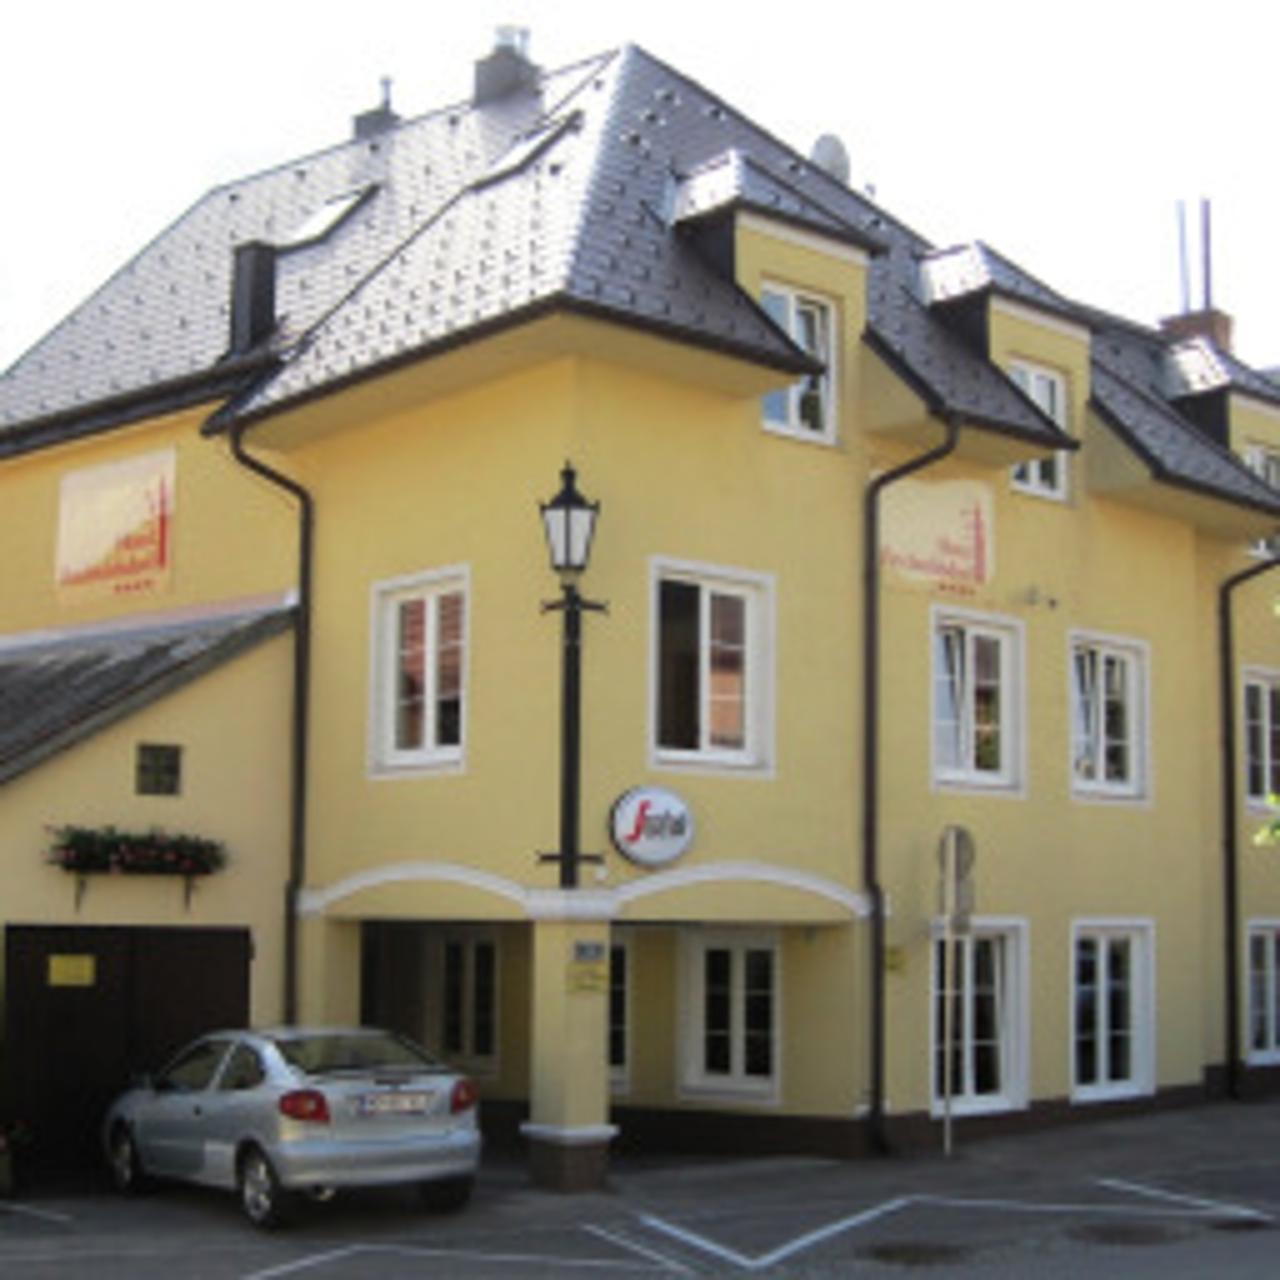 Interracial Dating Austria Knittelfeld Perchtoldsdorf